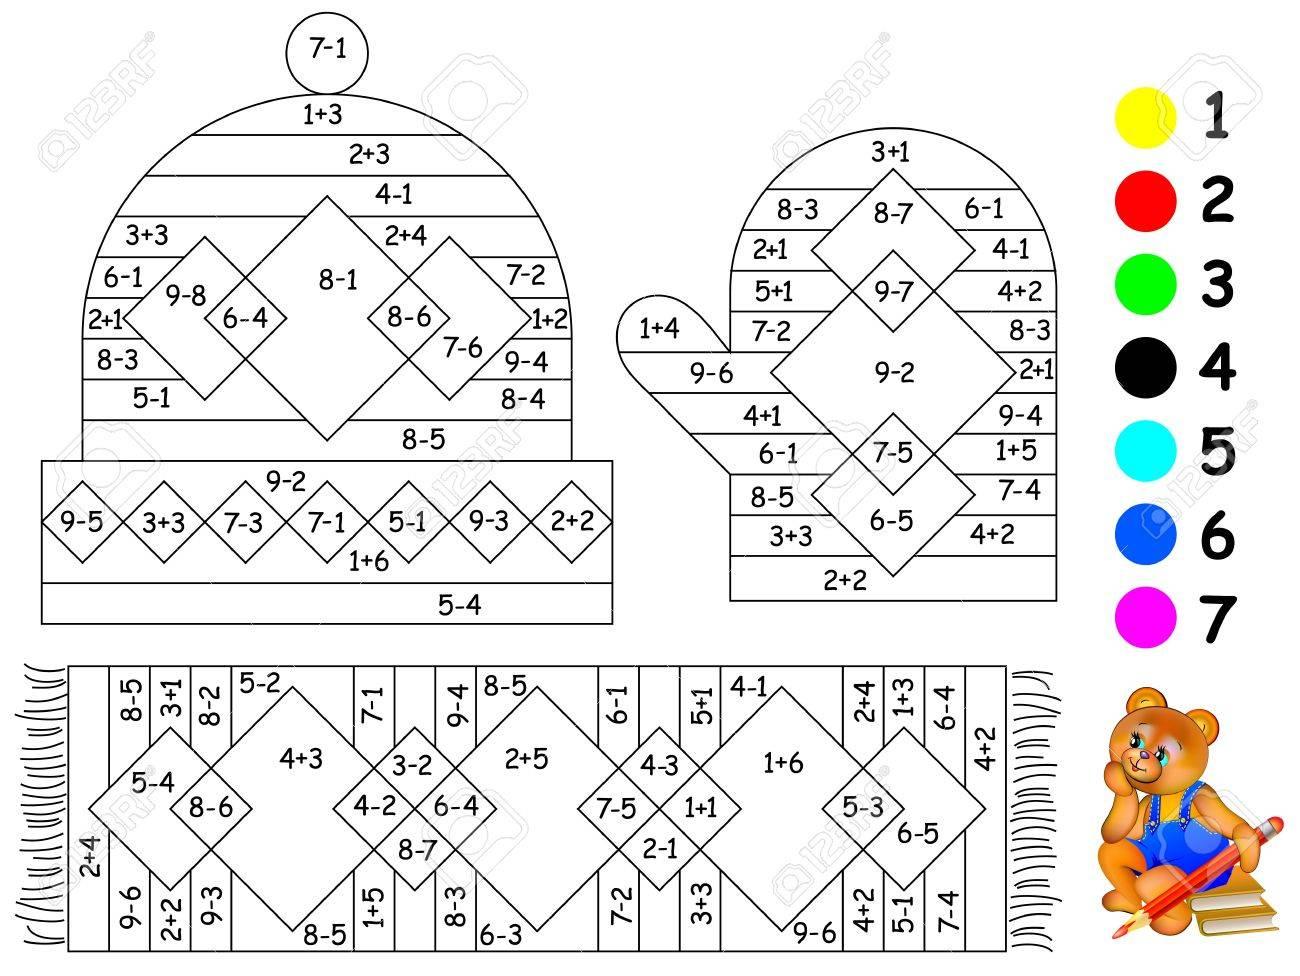 Página Educativa Con Ejercicios Para Niños Sobre Sumas Y Restas Necesita Pintar La Imagen En Un Color Relevante Imagen Vectorial